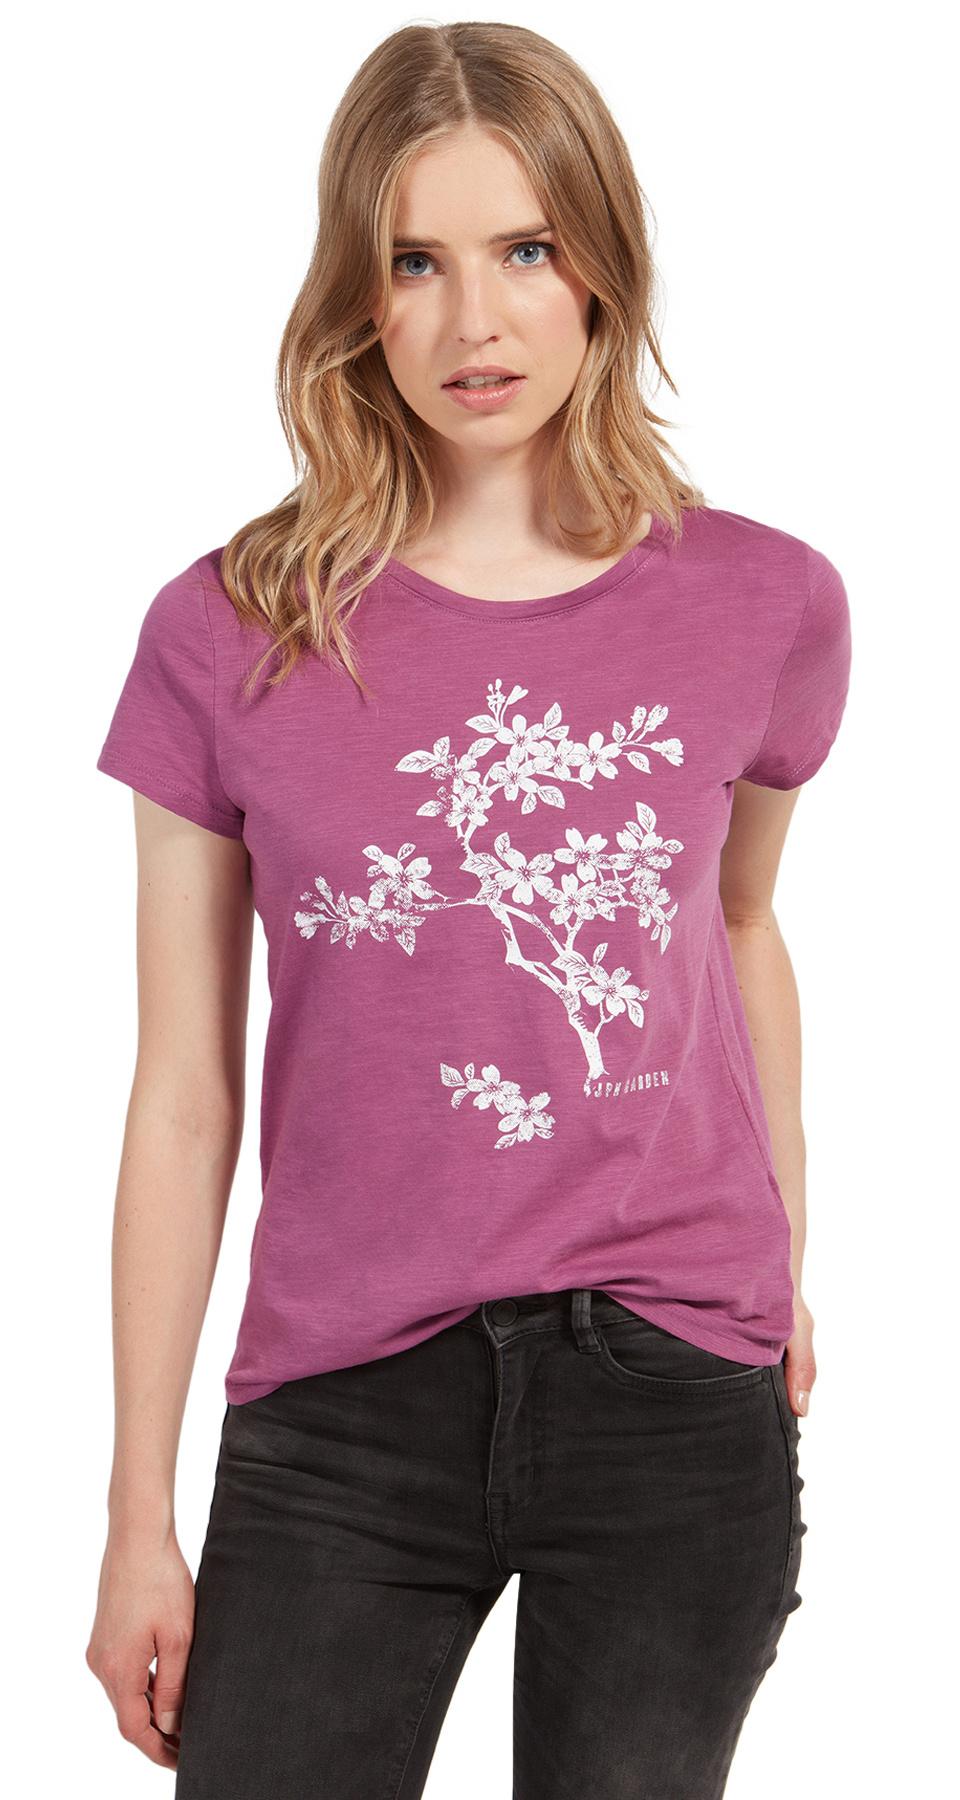 Tom Tailor tričko s květinovým potiskem 10550480071/5726 Fialová XL